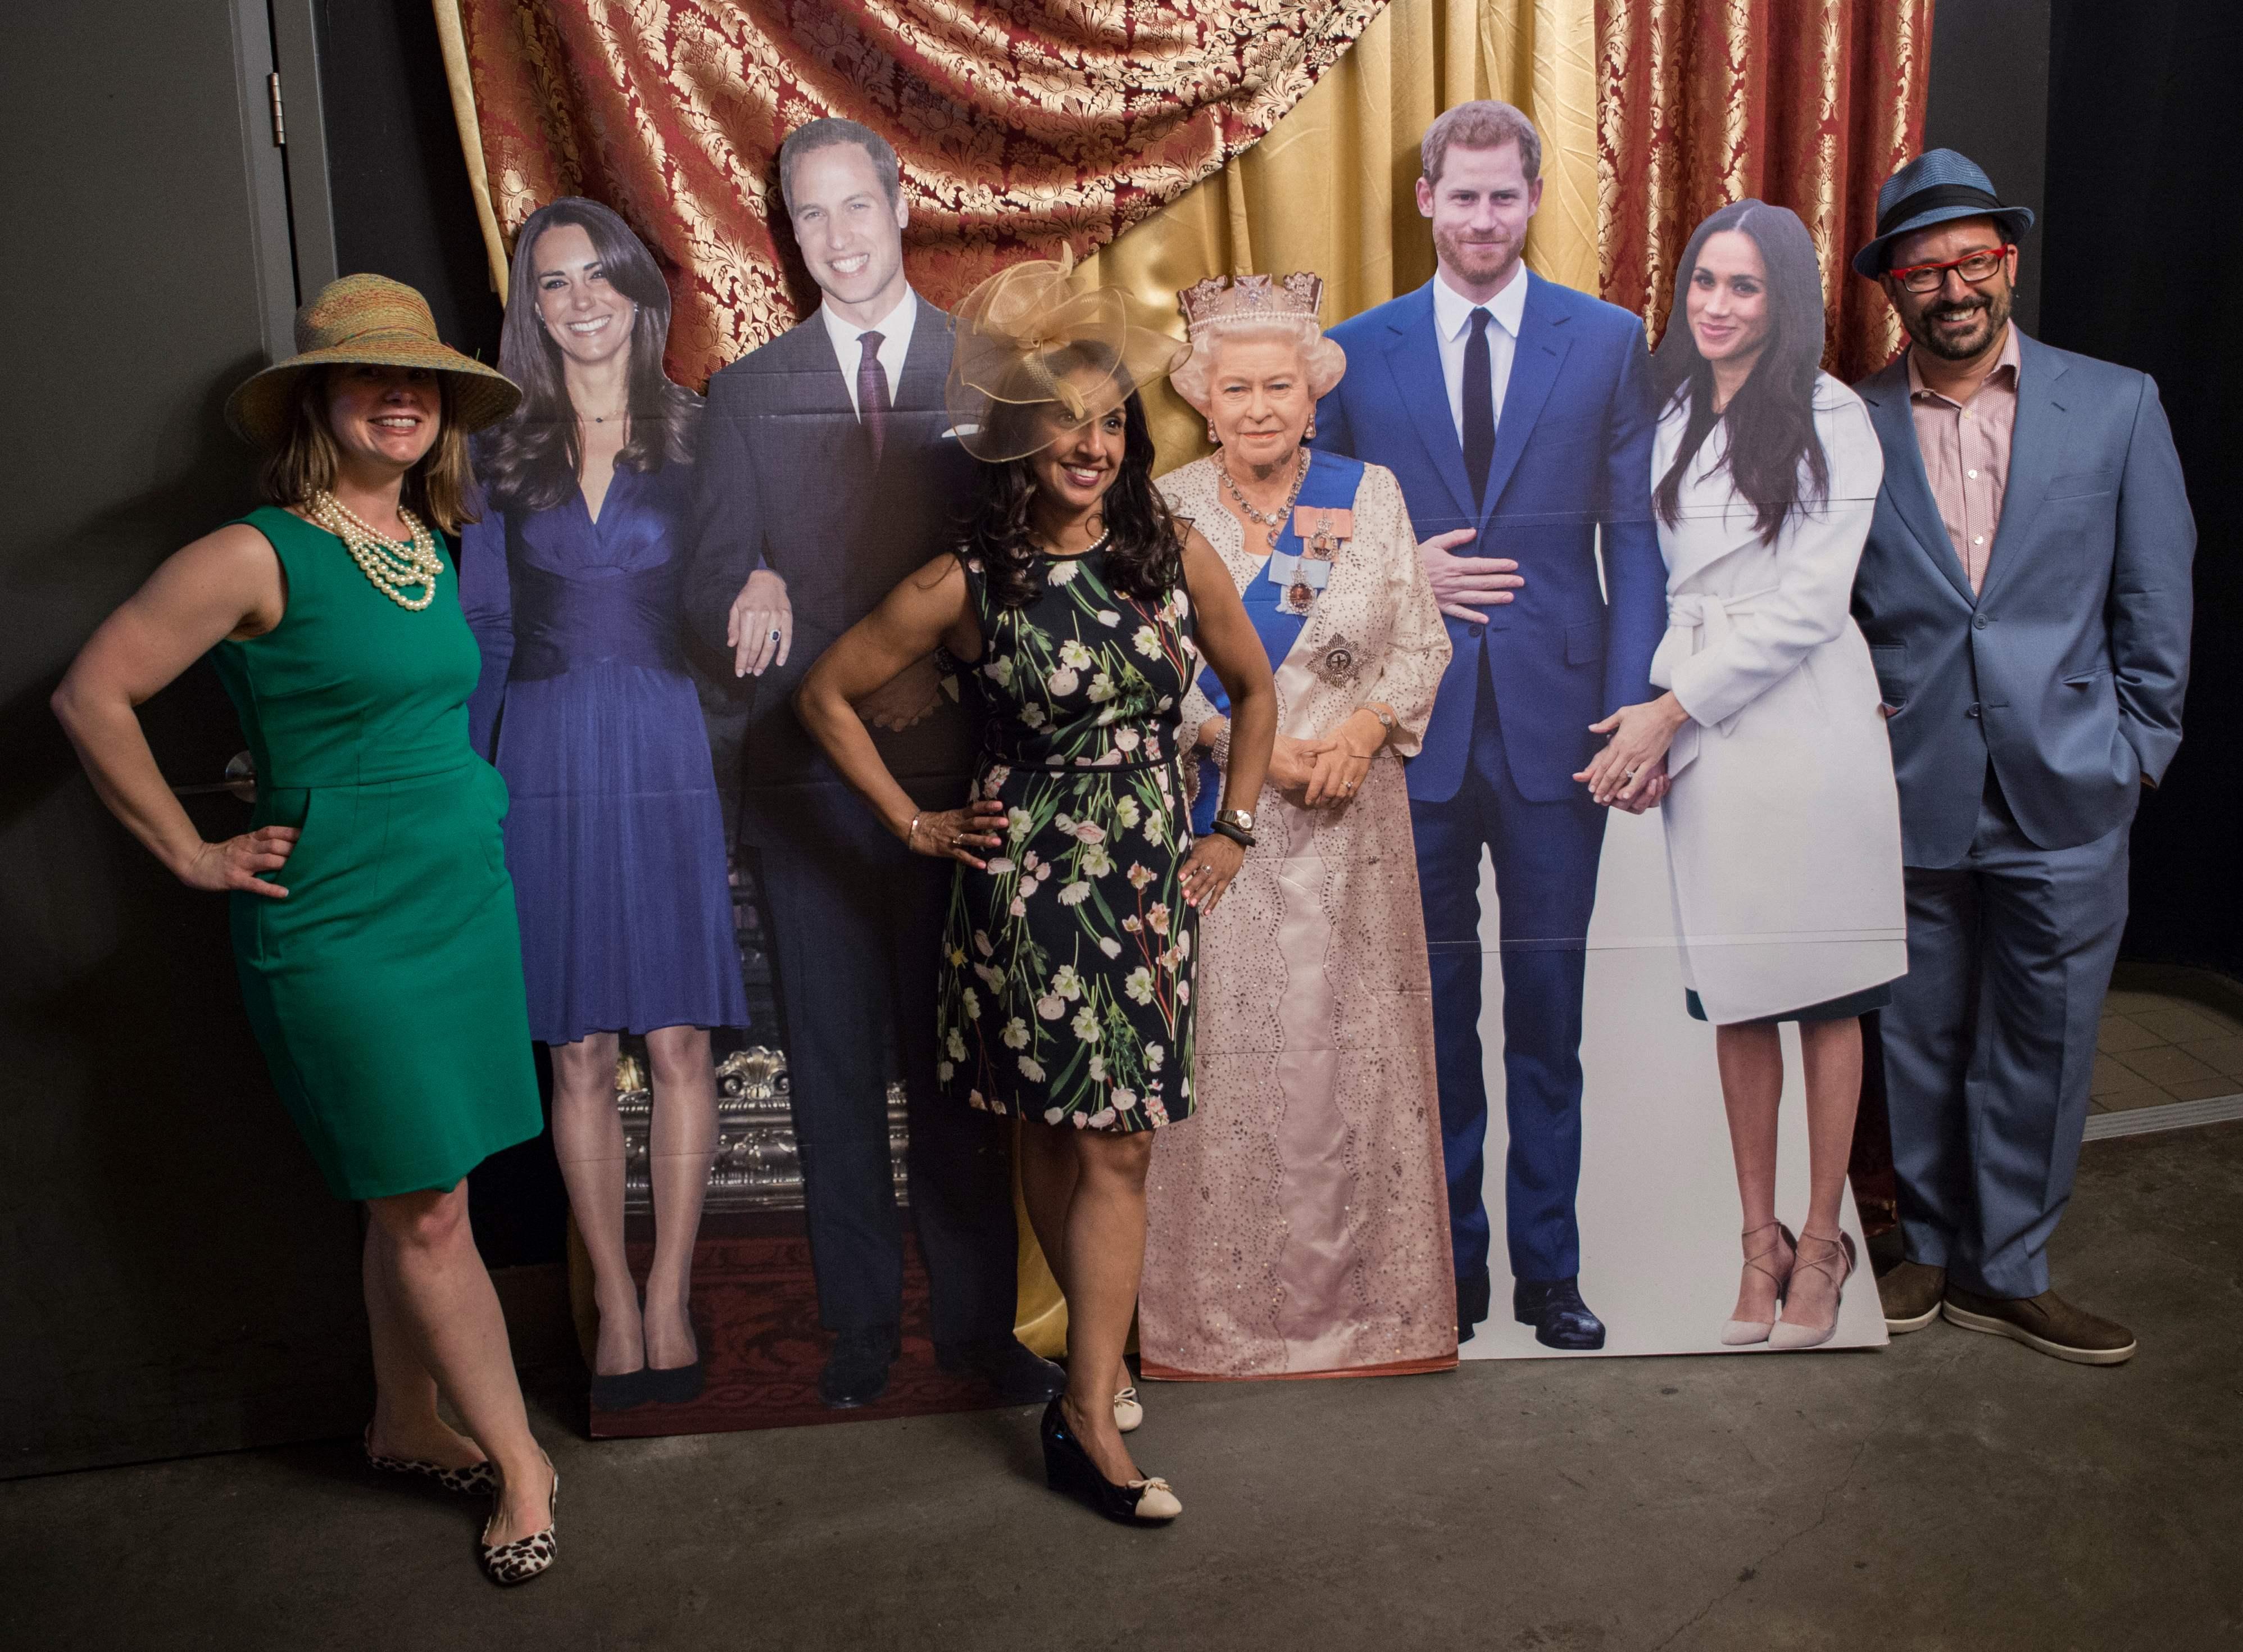 哈利王子大婚,華府一家酒吧推出皇室婚禮紀念品,讓顧客與皇室成員的畫像合影。(Getty Images)